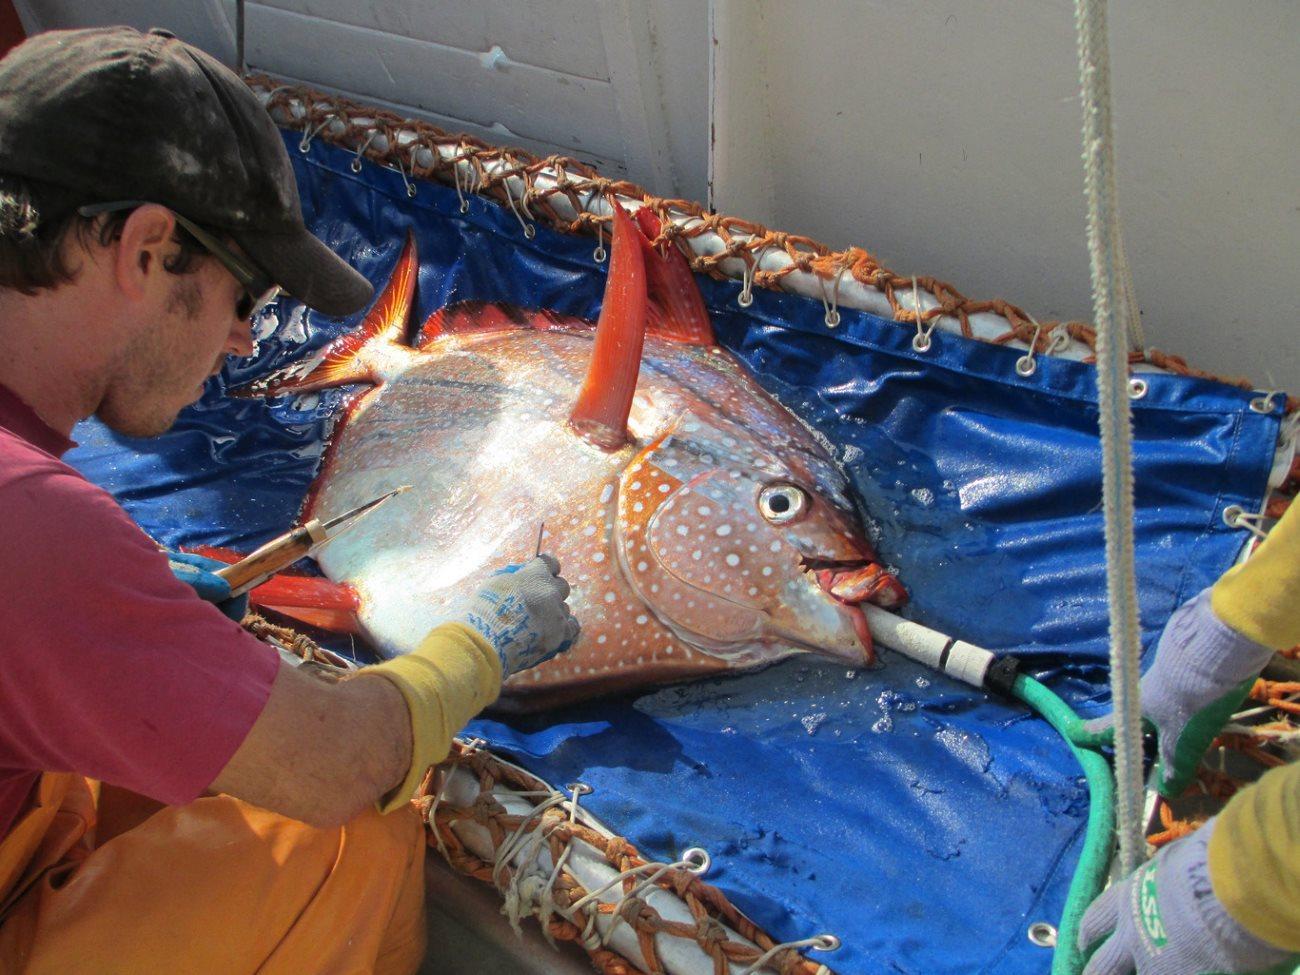 биологи обнаружили первую теплокровную рыбу